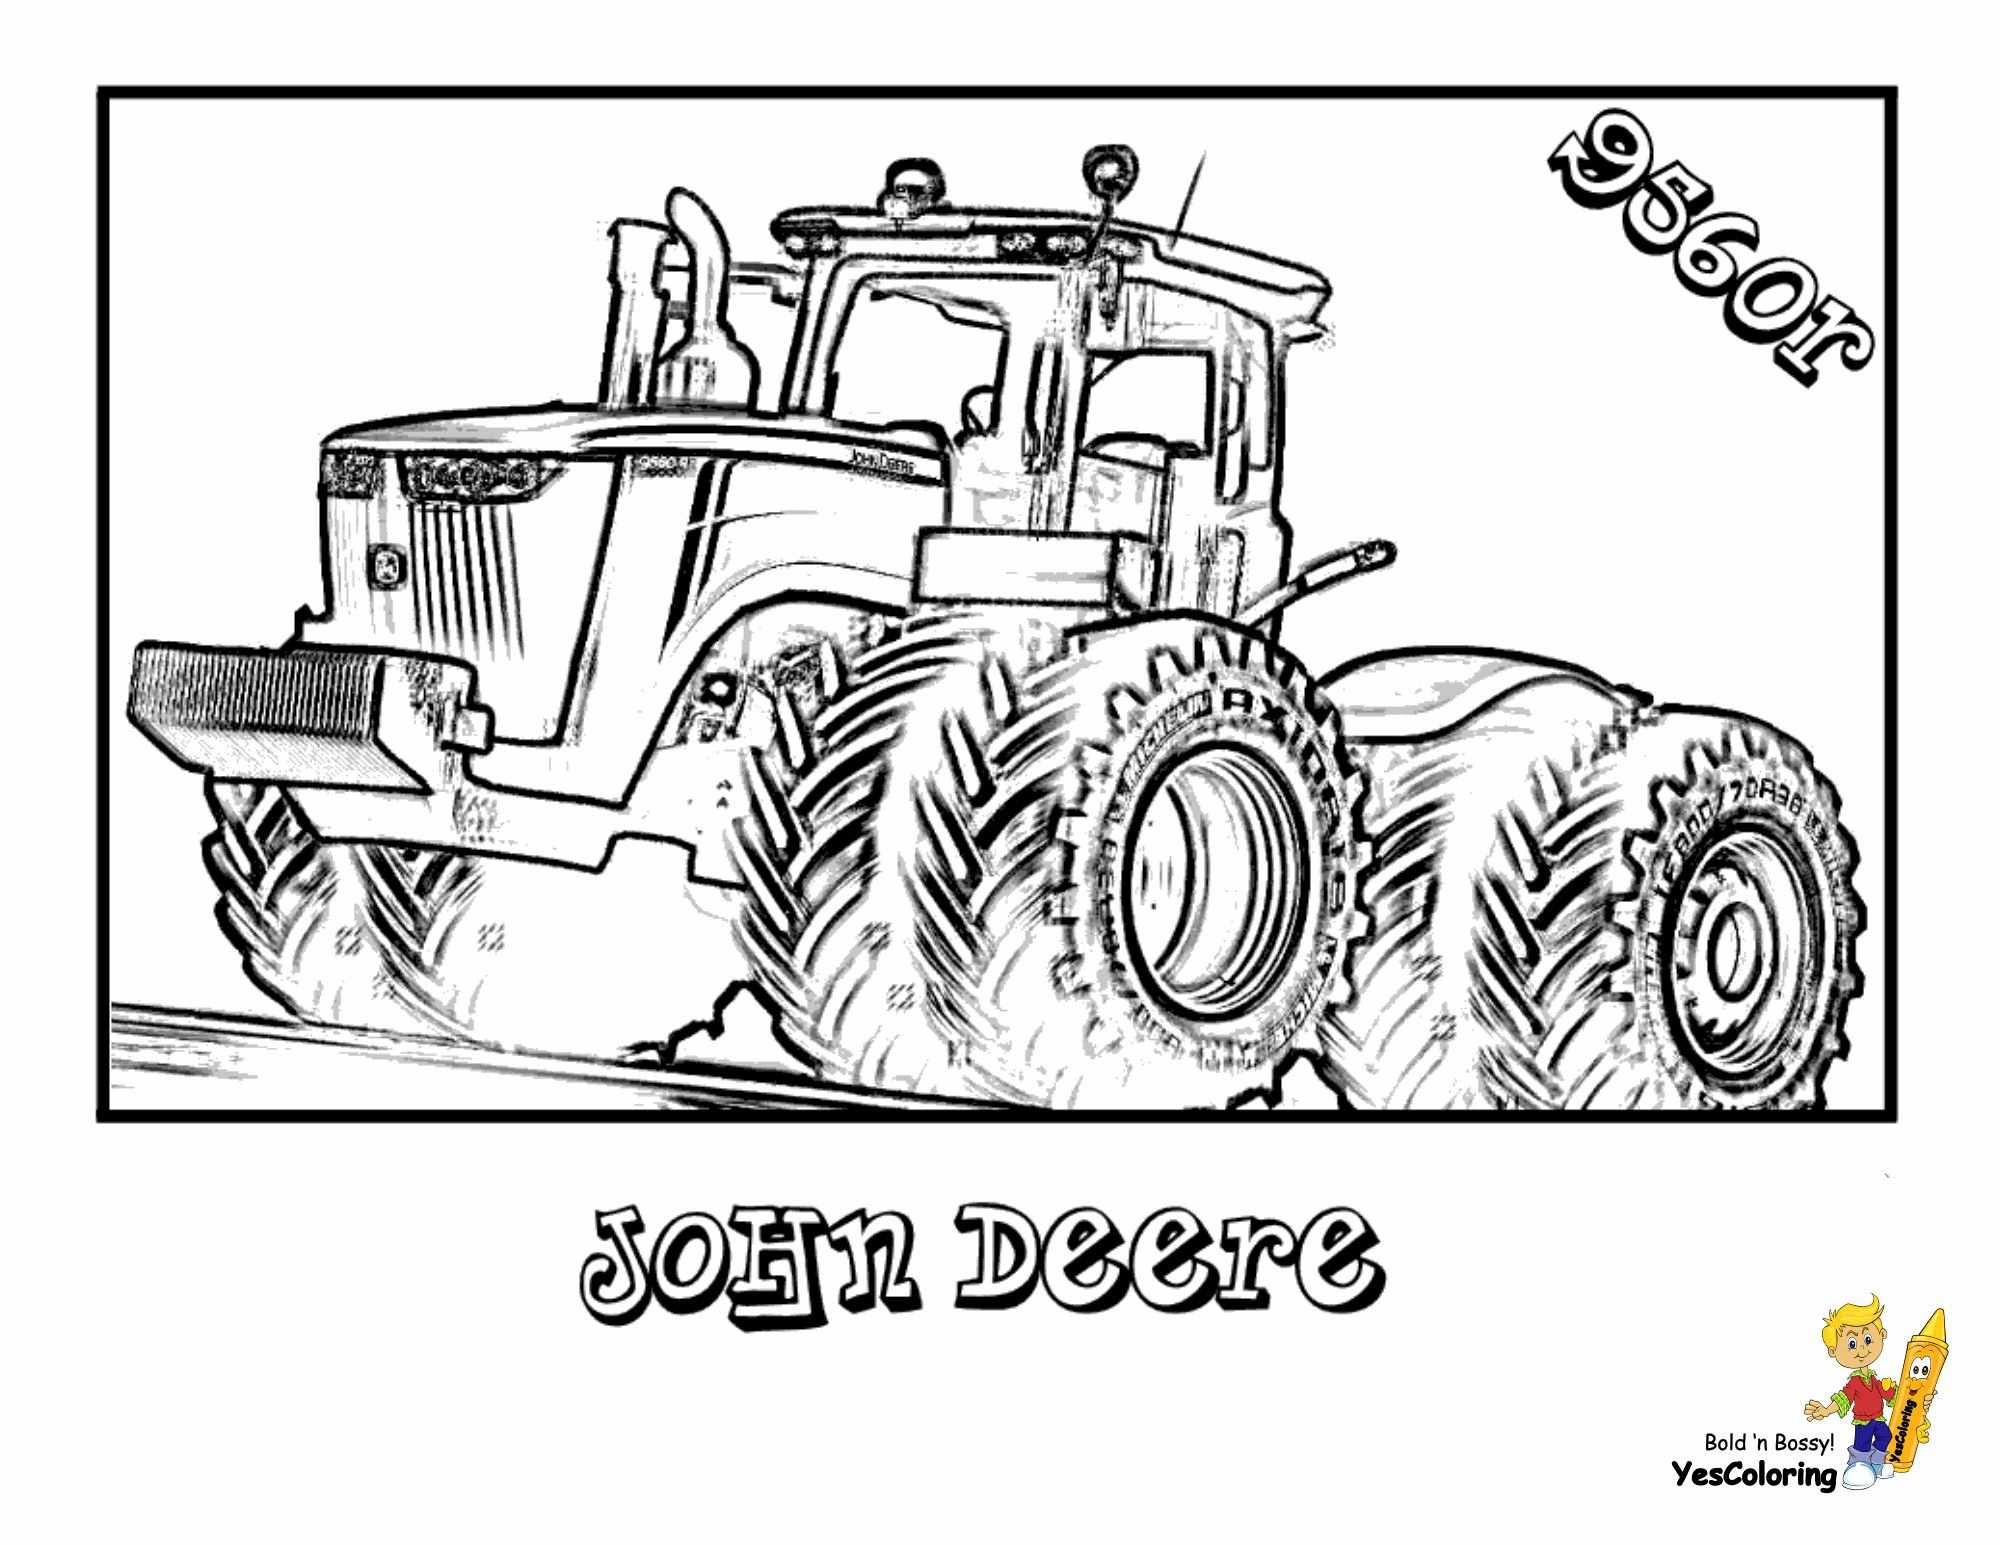 Kleurplaat Fendt 1050 Tractors Kleurplaten Leuk Voor Kids Sharemods Com Do Not Limit Download Speed Welcome Back